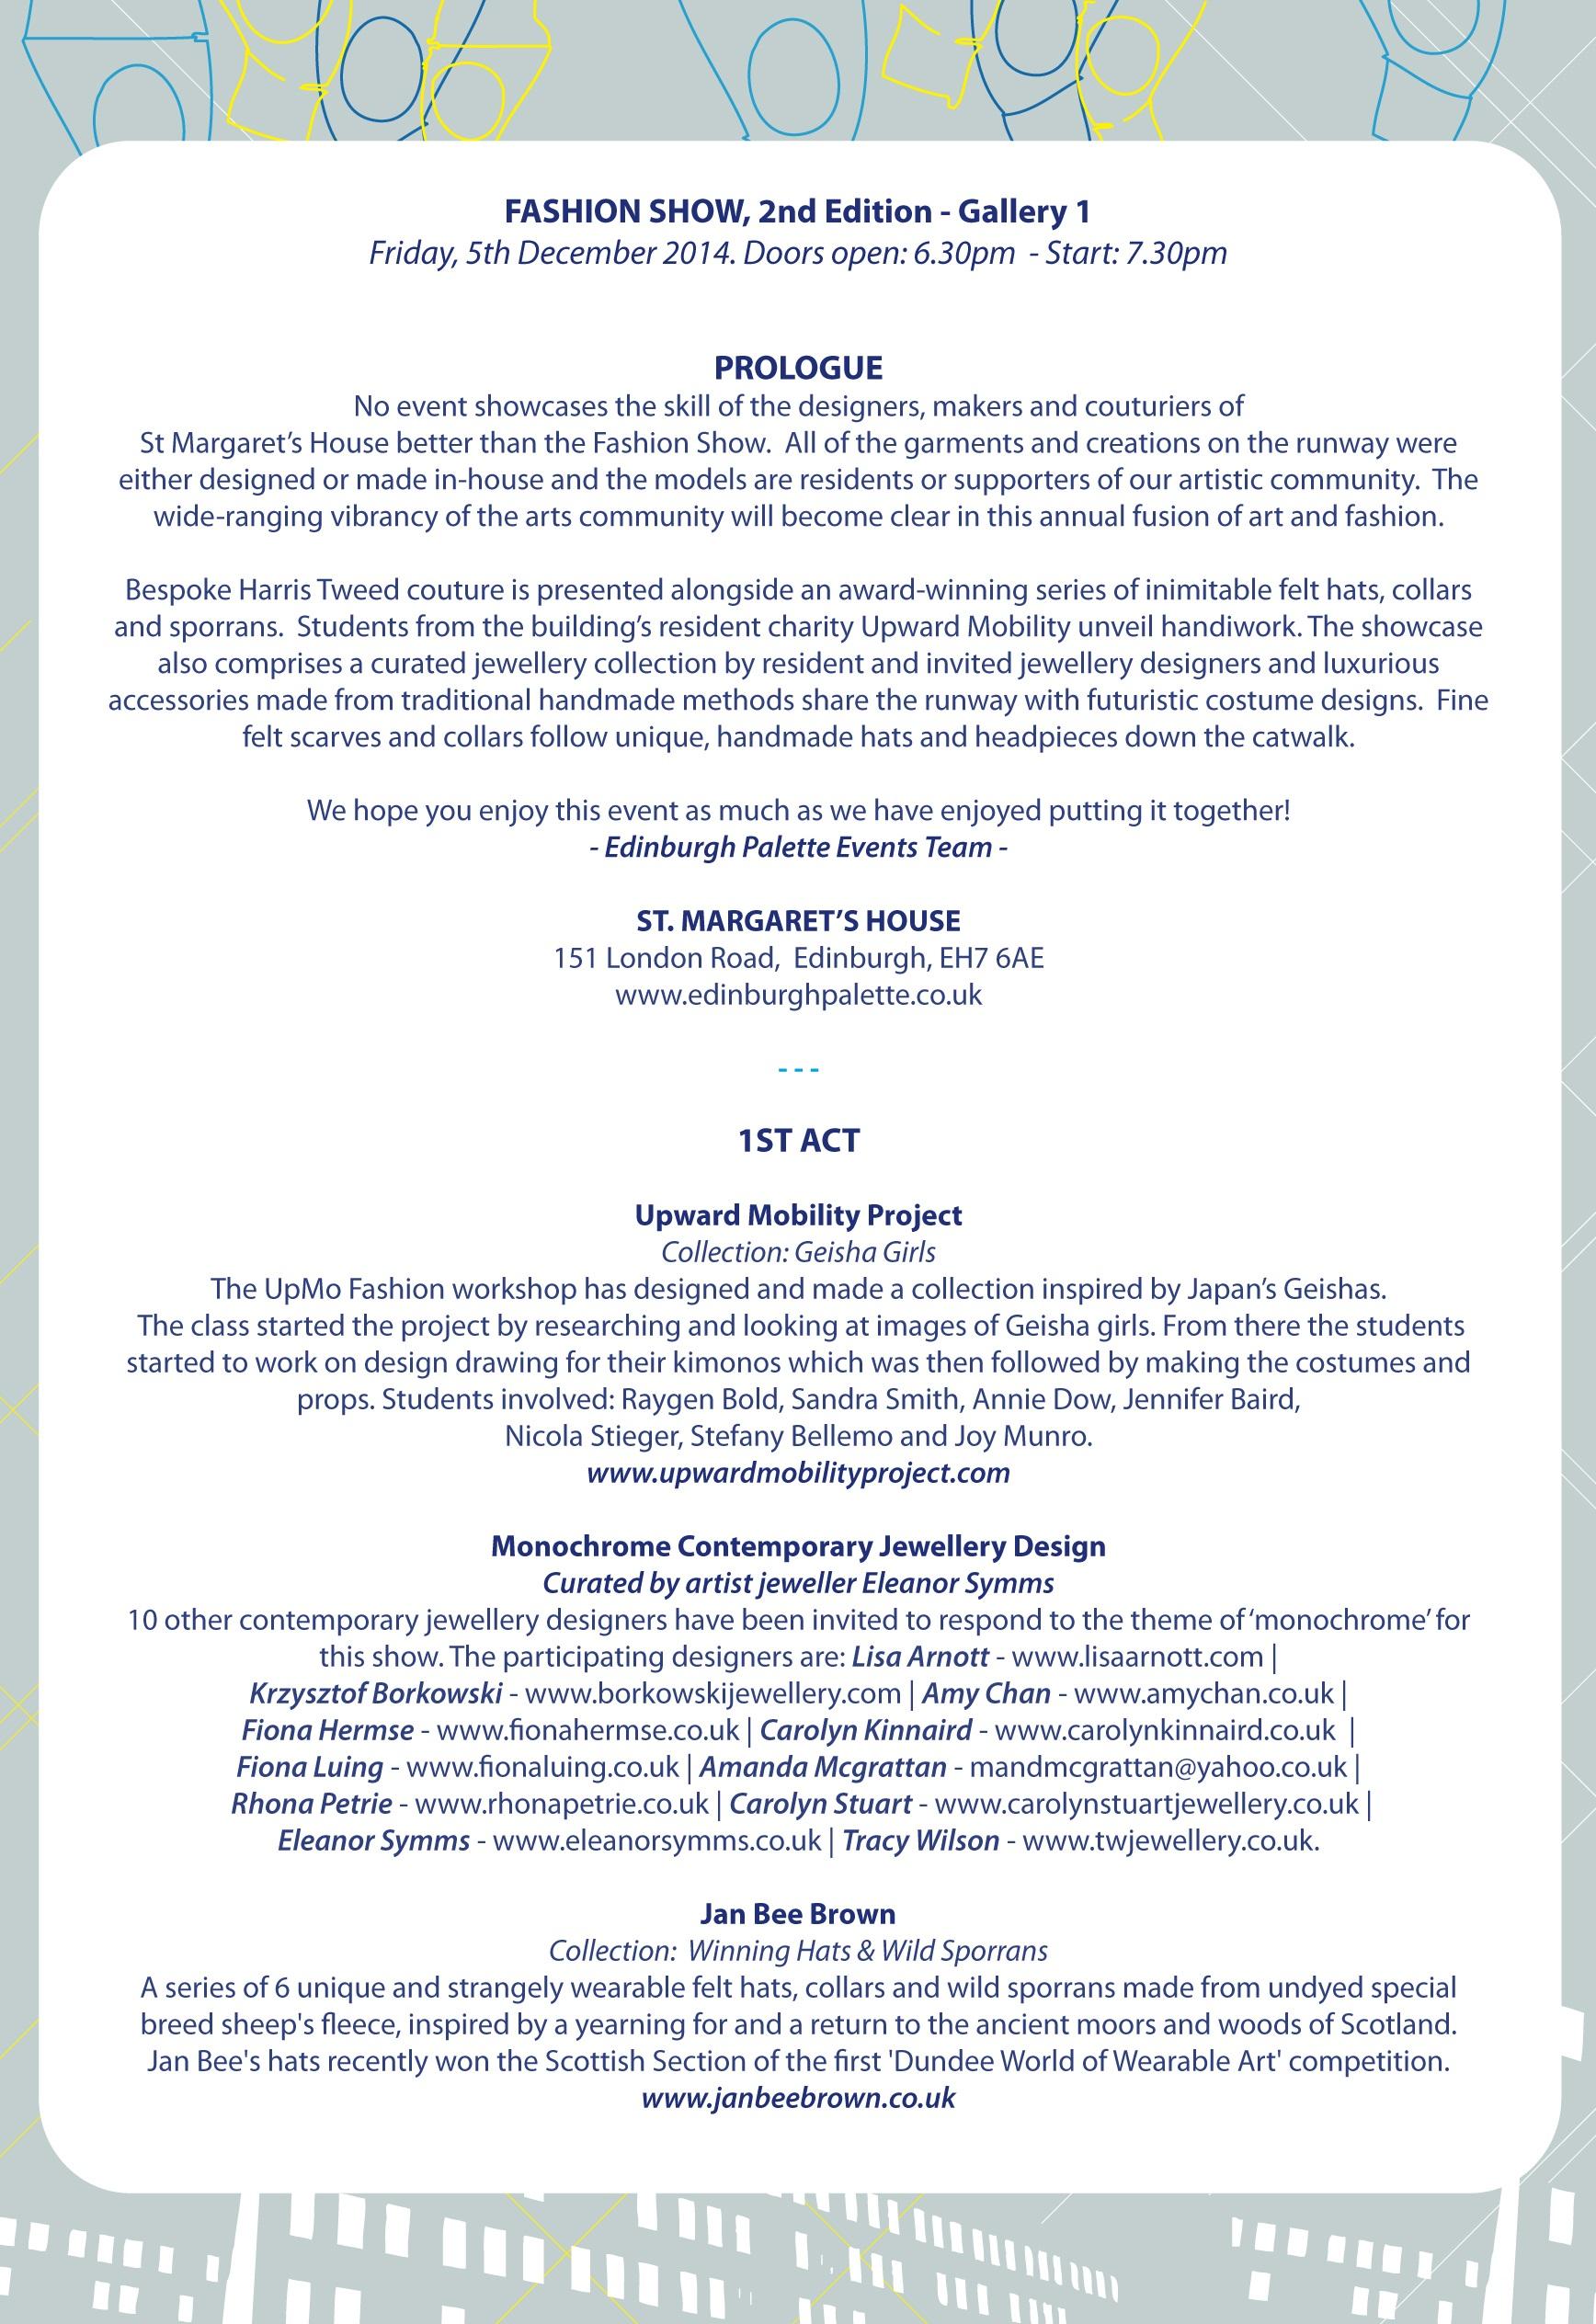 FashionShow-Xmas14-A5GC-Program-Inside